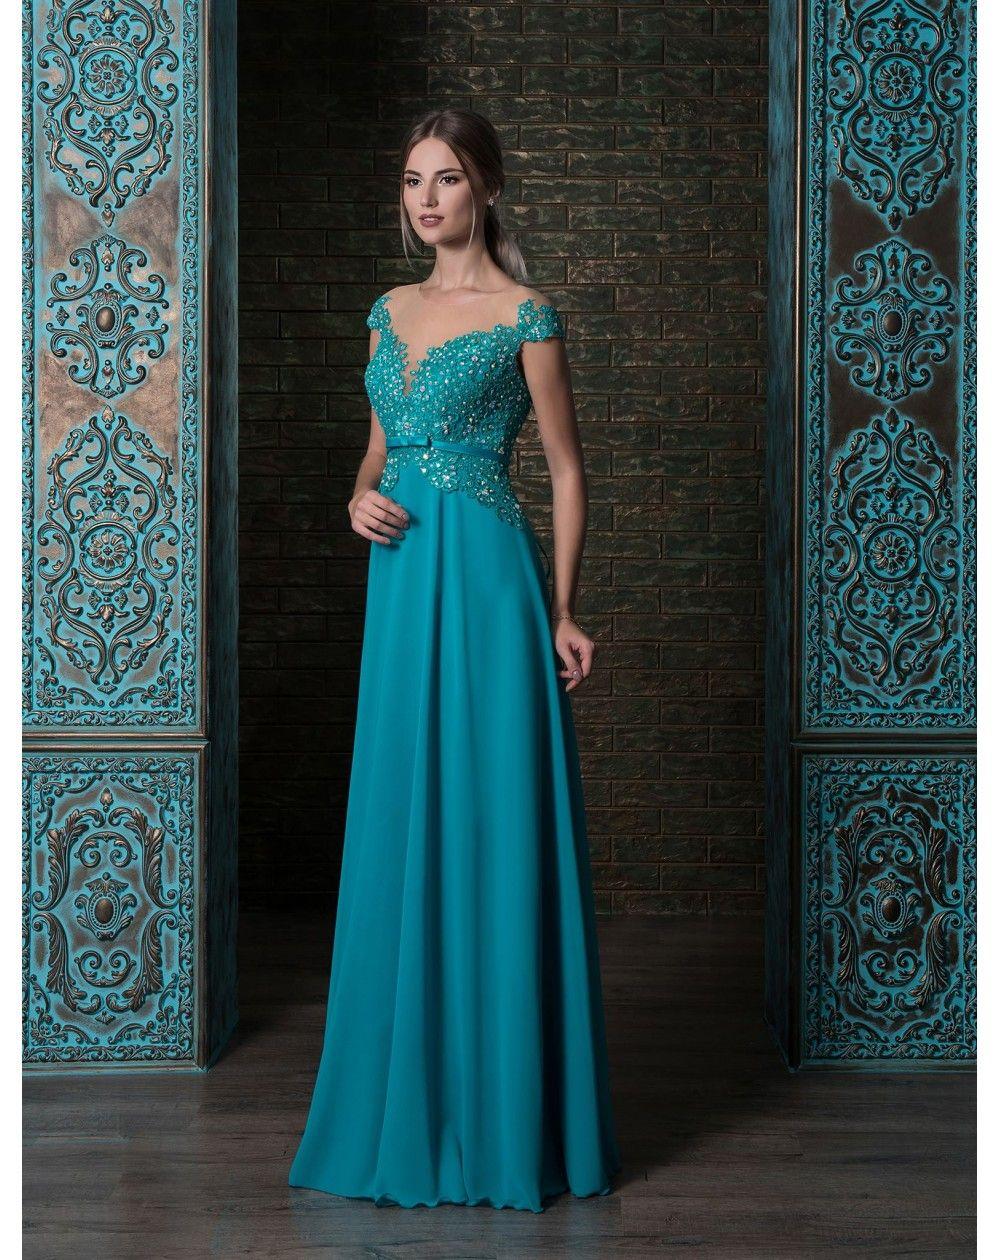 28cc93f45e1d Hravé pohodlné dlhé večerné šaty s čipkovaným zvrškom zdobené opaskom.  Empírový strih zaručí zoštíhľujúci alebo